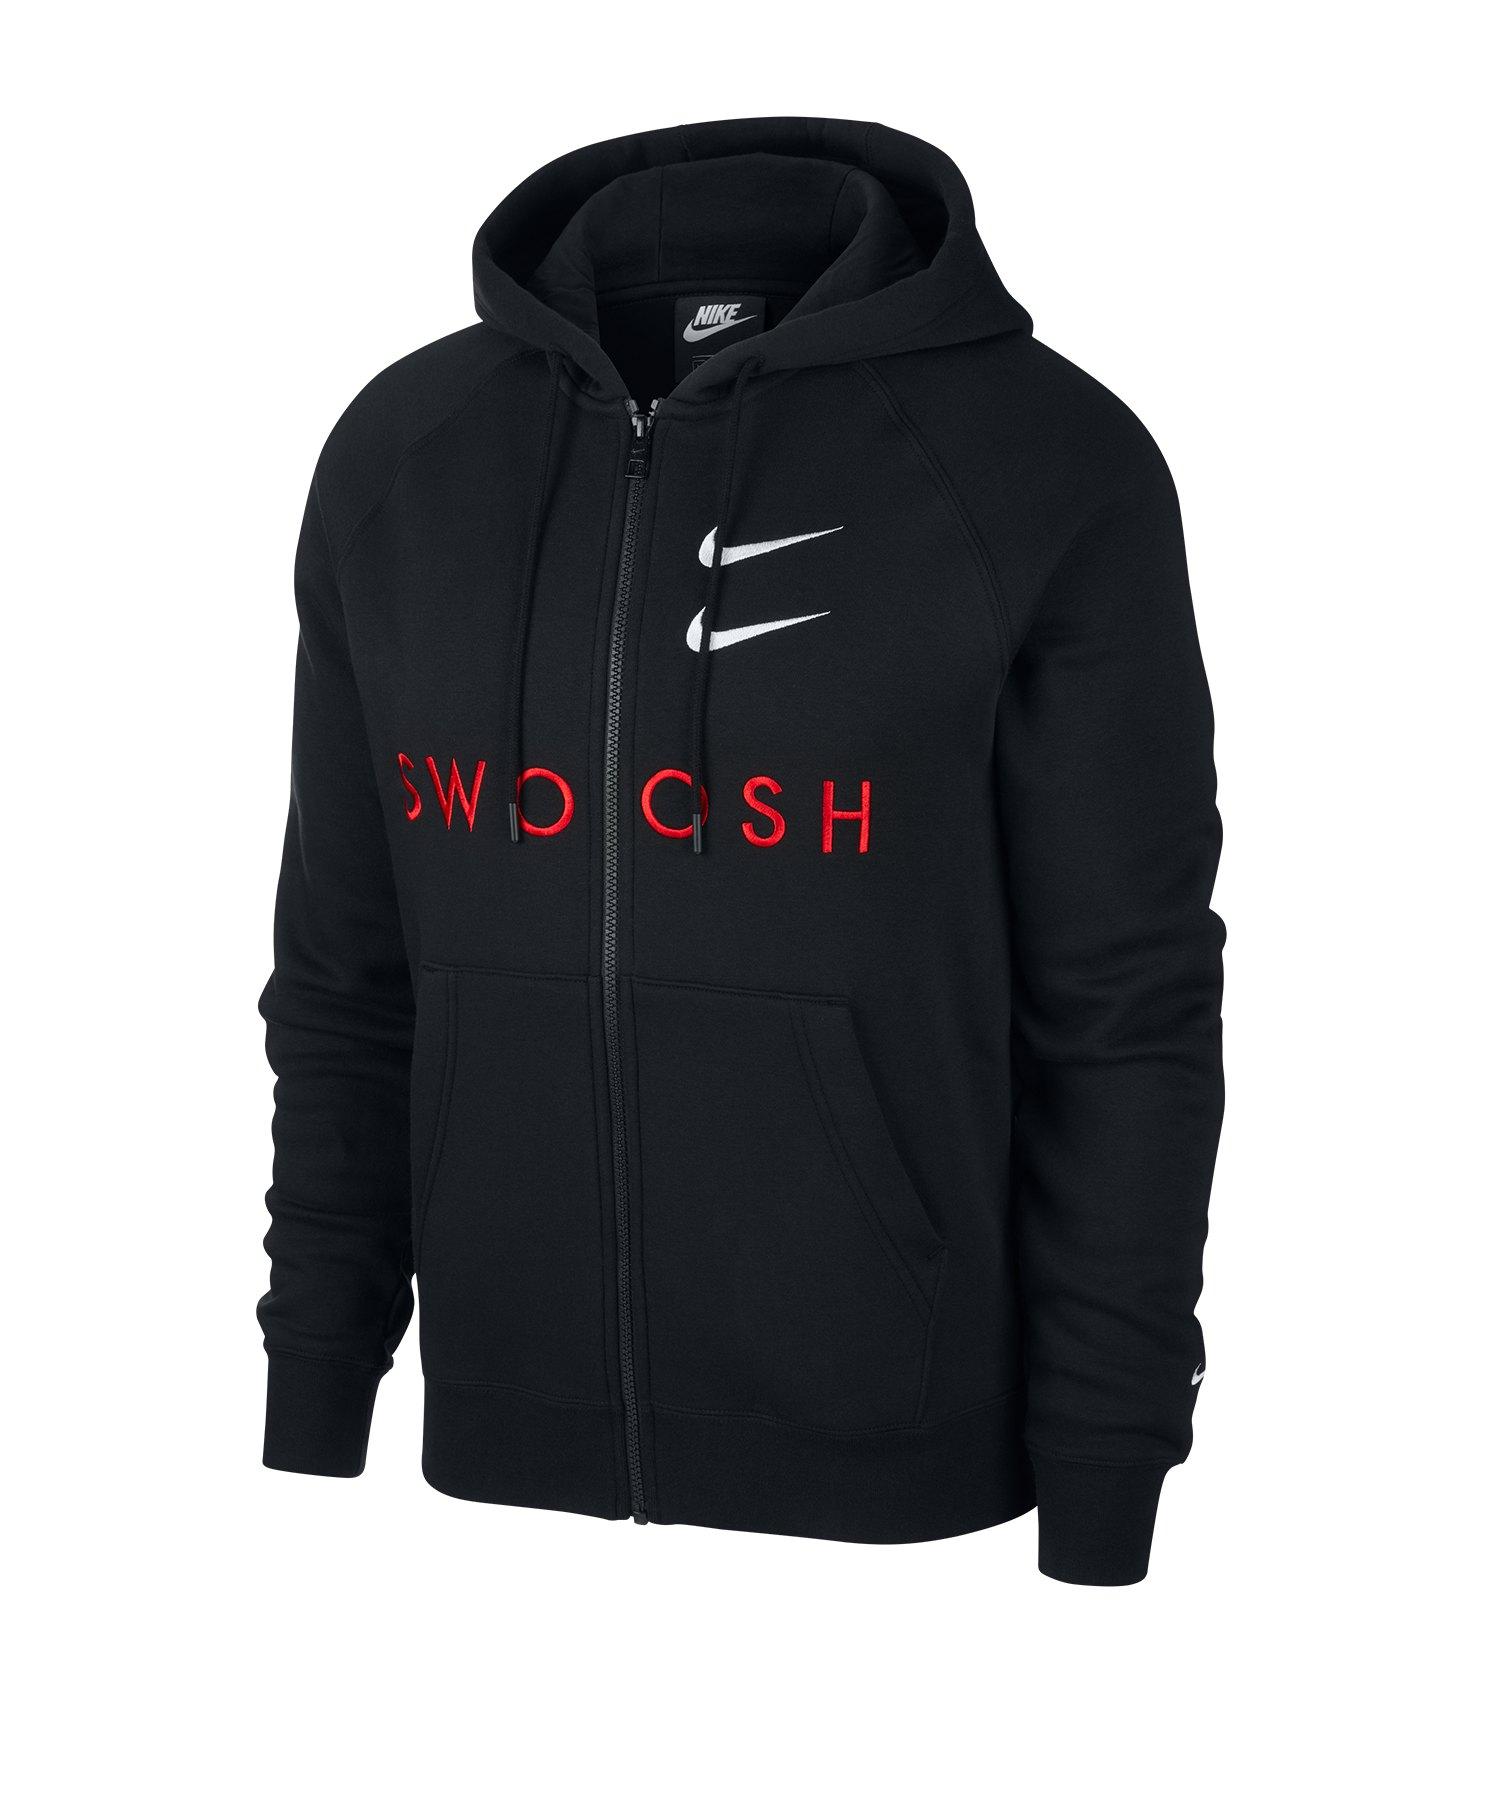 Nike Swoosh Kapuzenjacke Schwarz F010 - schwarz